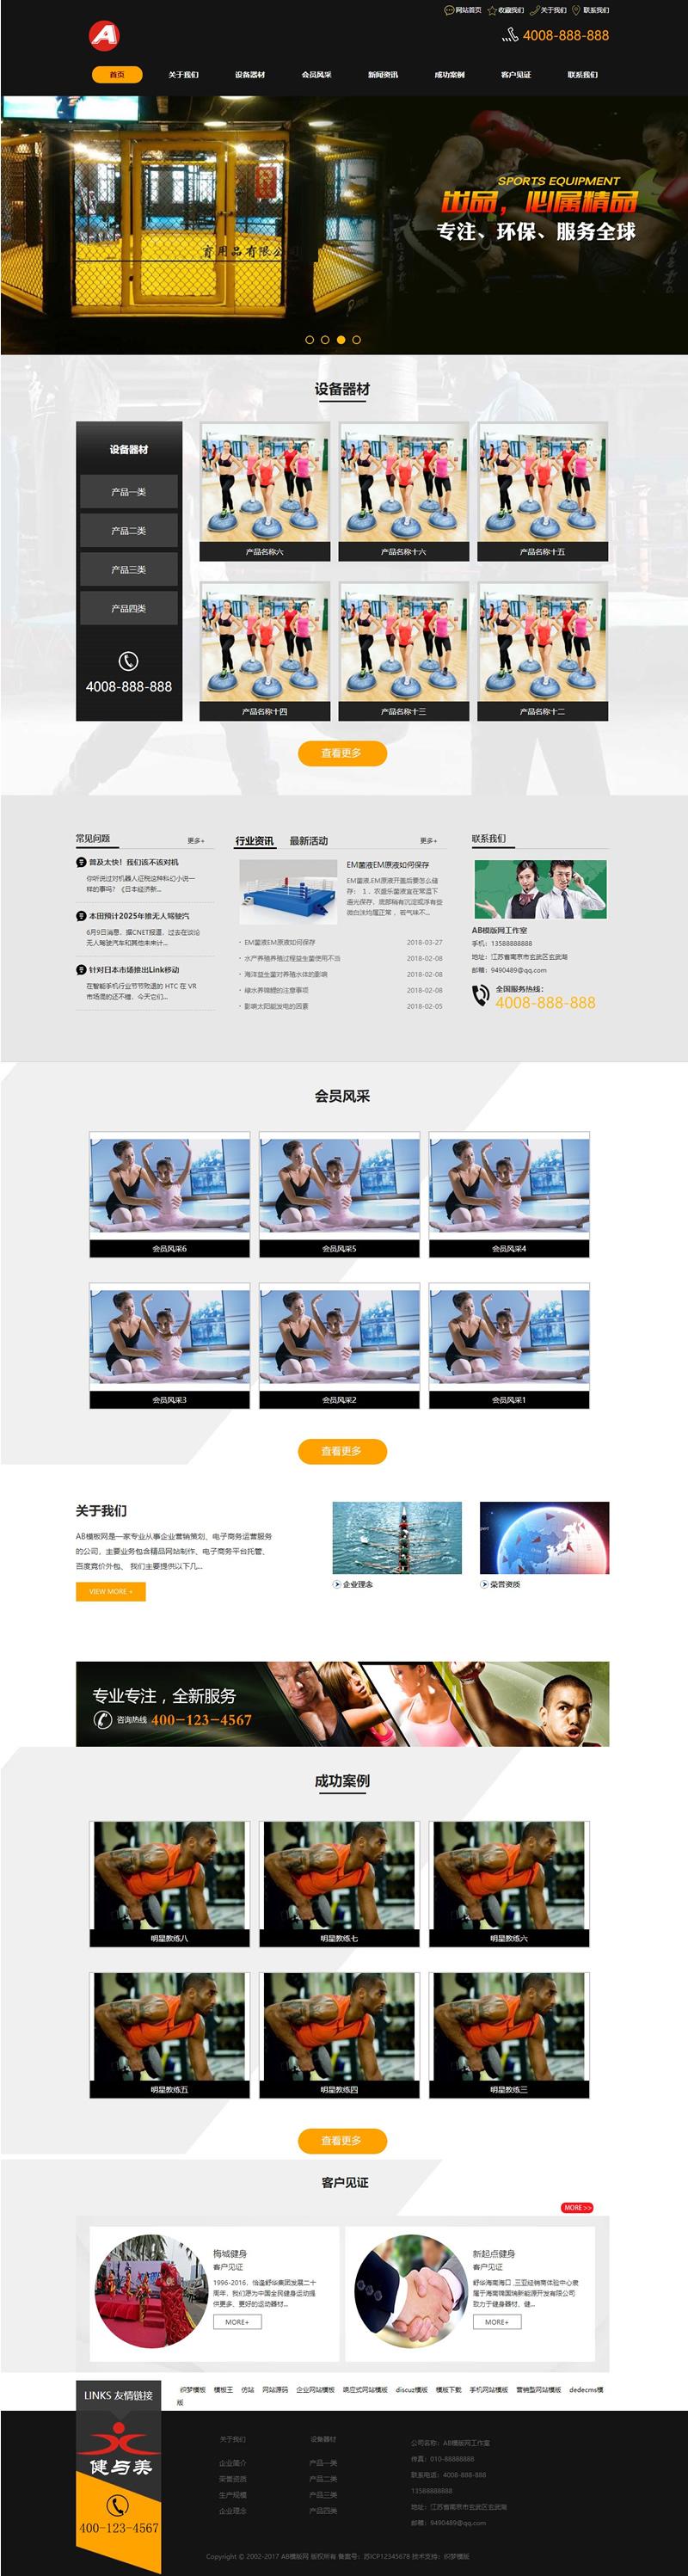 织梦dedecms模板黑色健身器材网站模板源码电脑端+手机版数据同步